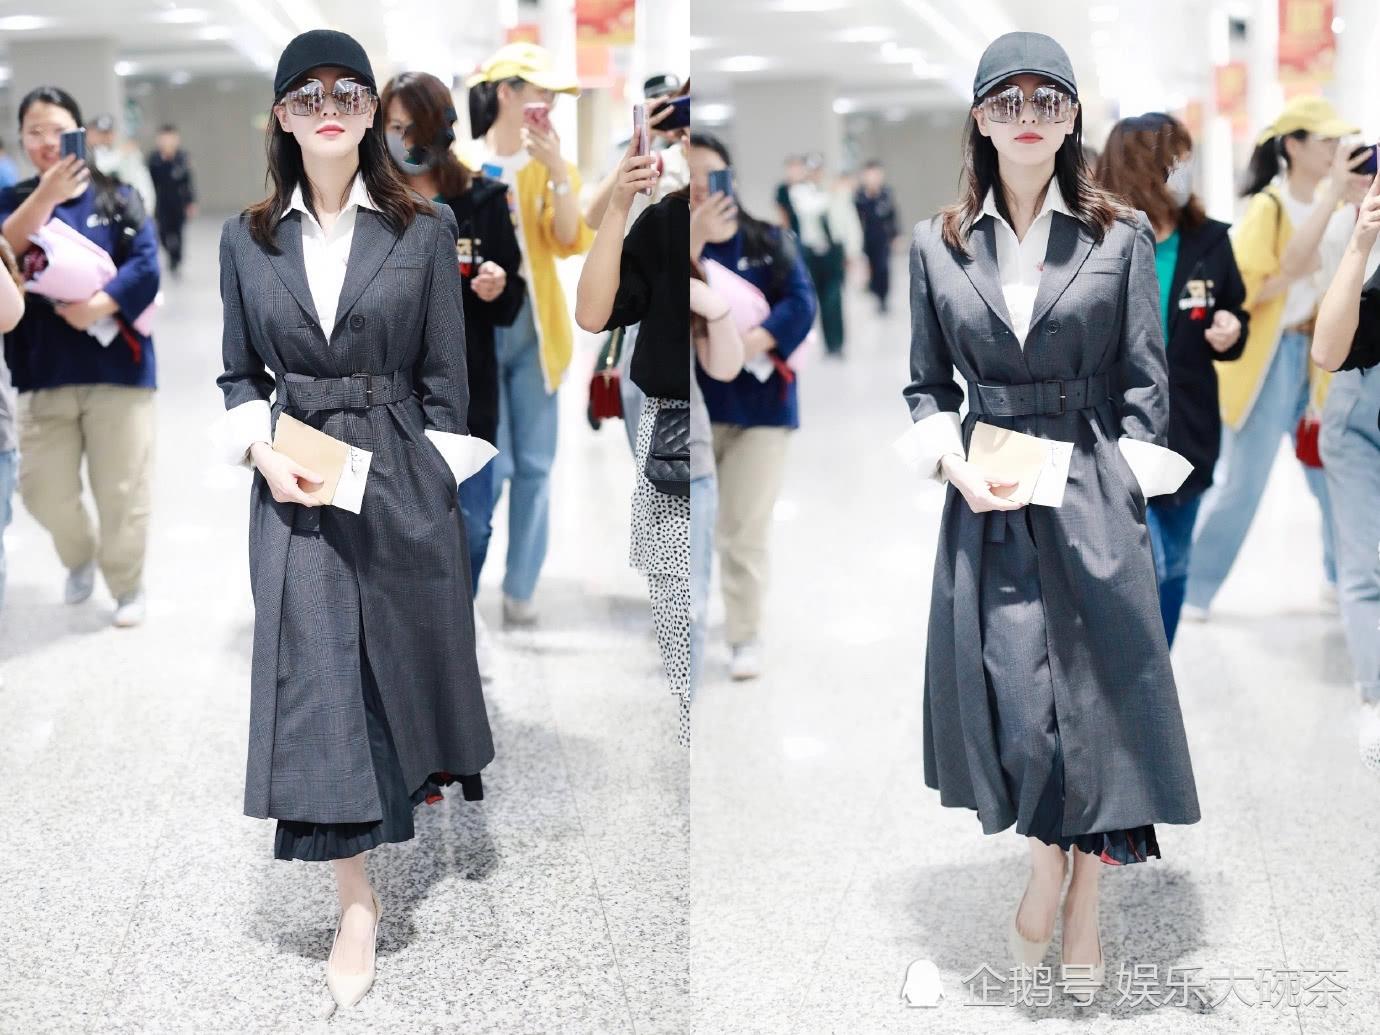 <b>刘诗诗气质真是太好了,身穿收腰风衣优雅又帅气,好身材太抢镜</b>